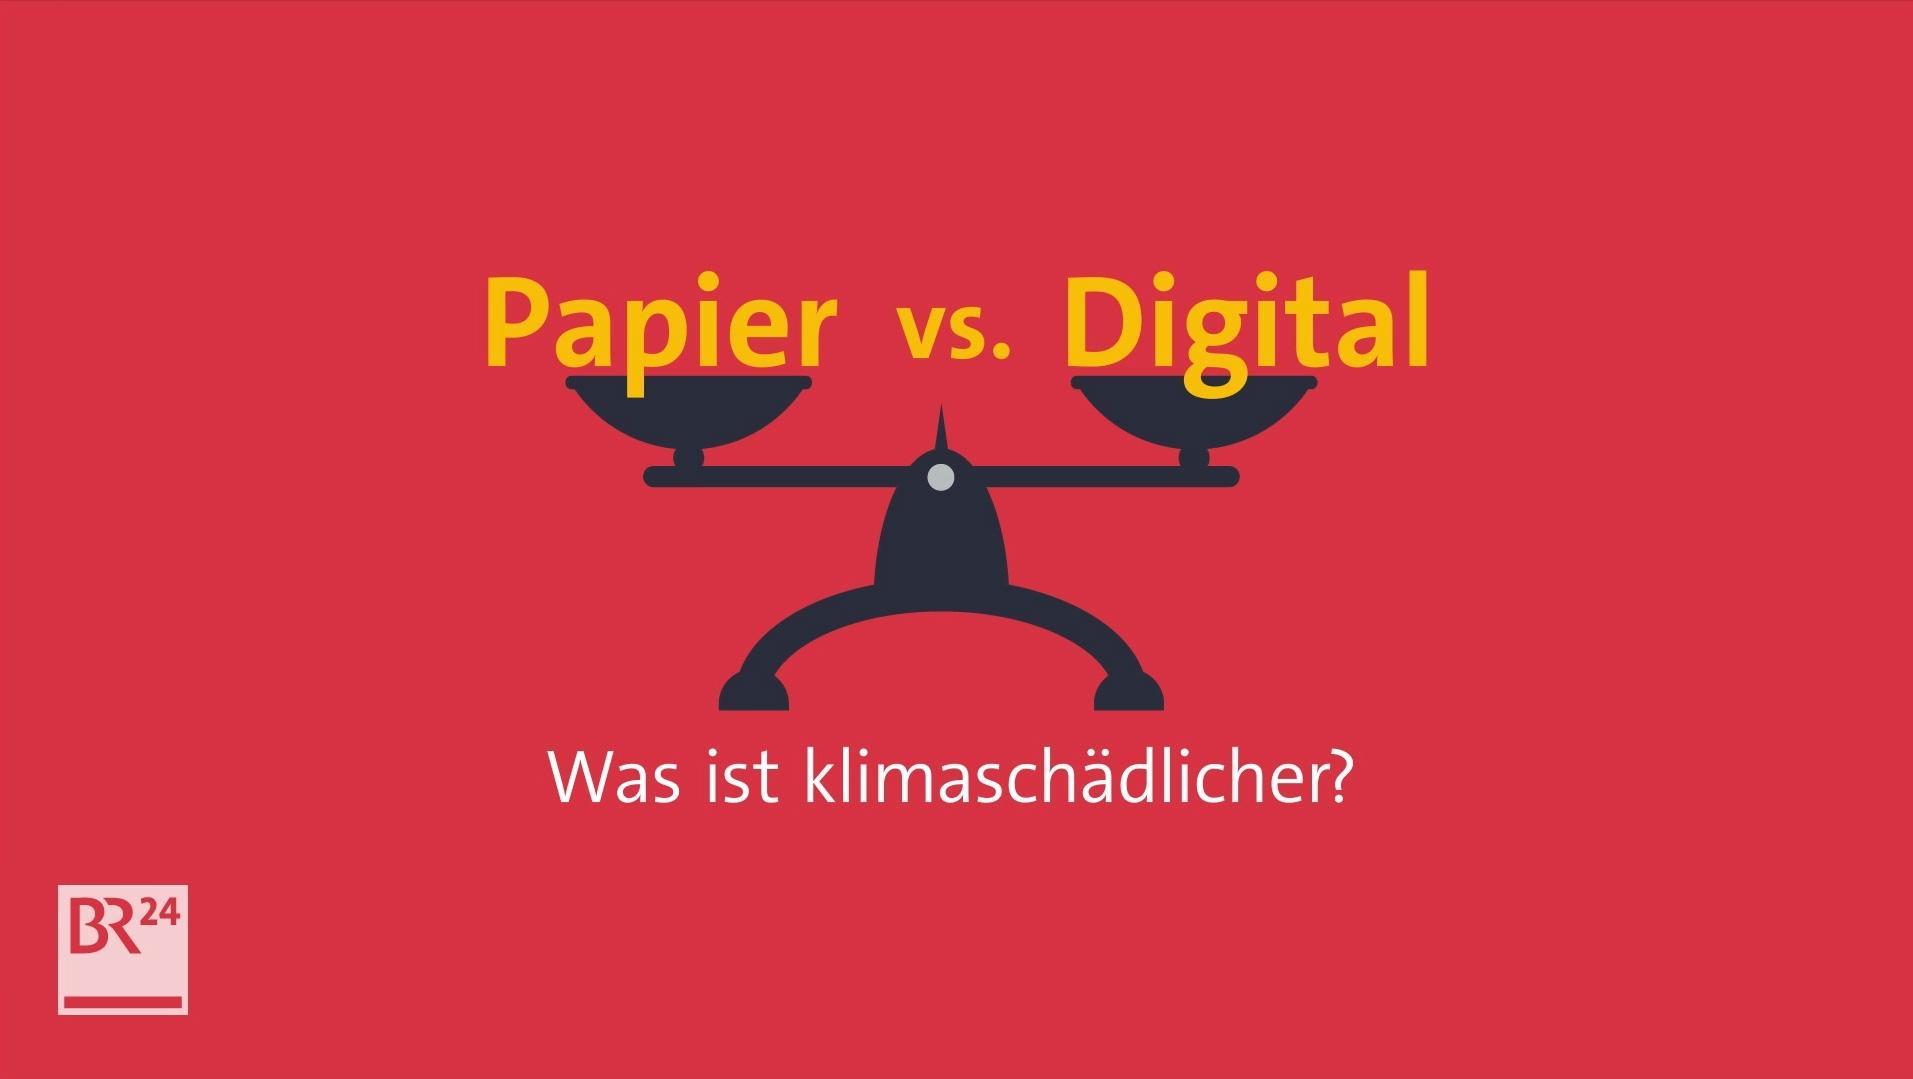 #fragBR24💡 Papier vs. Digital – Was ist klimaschädlicher?